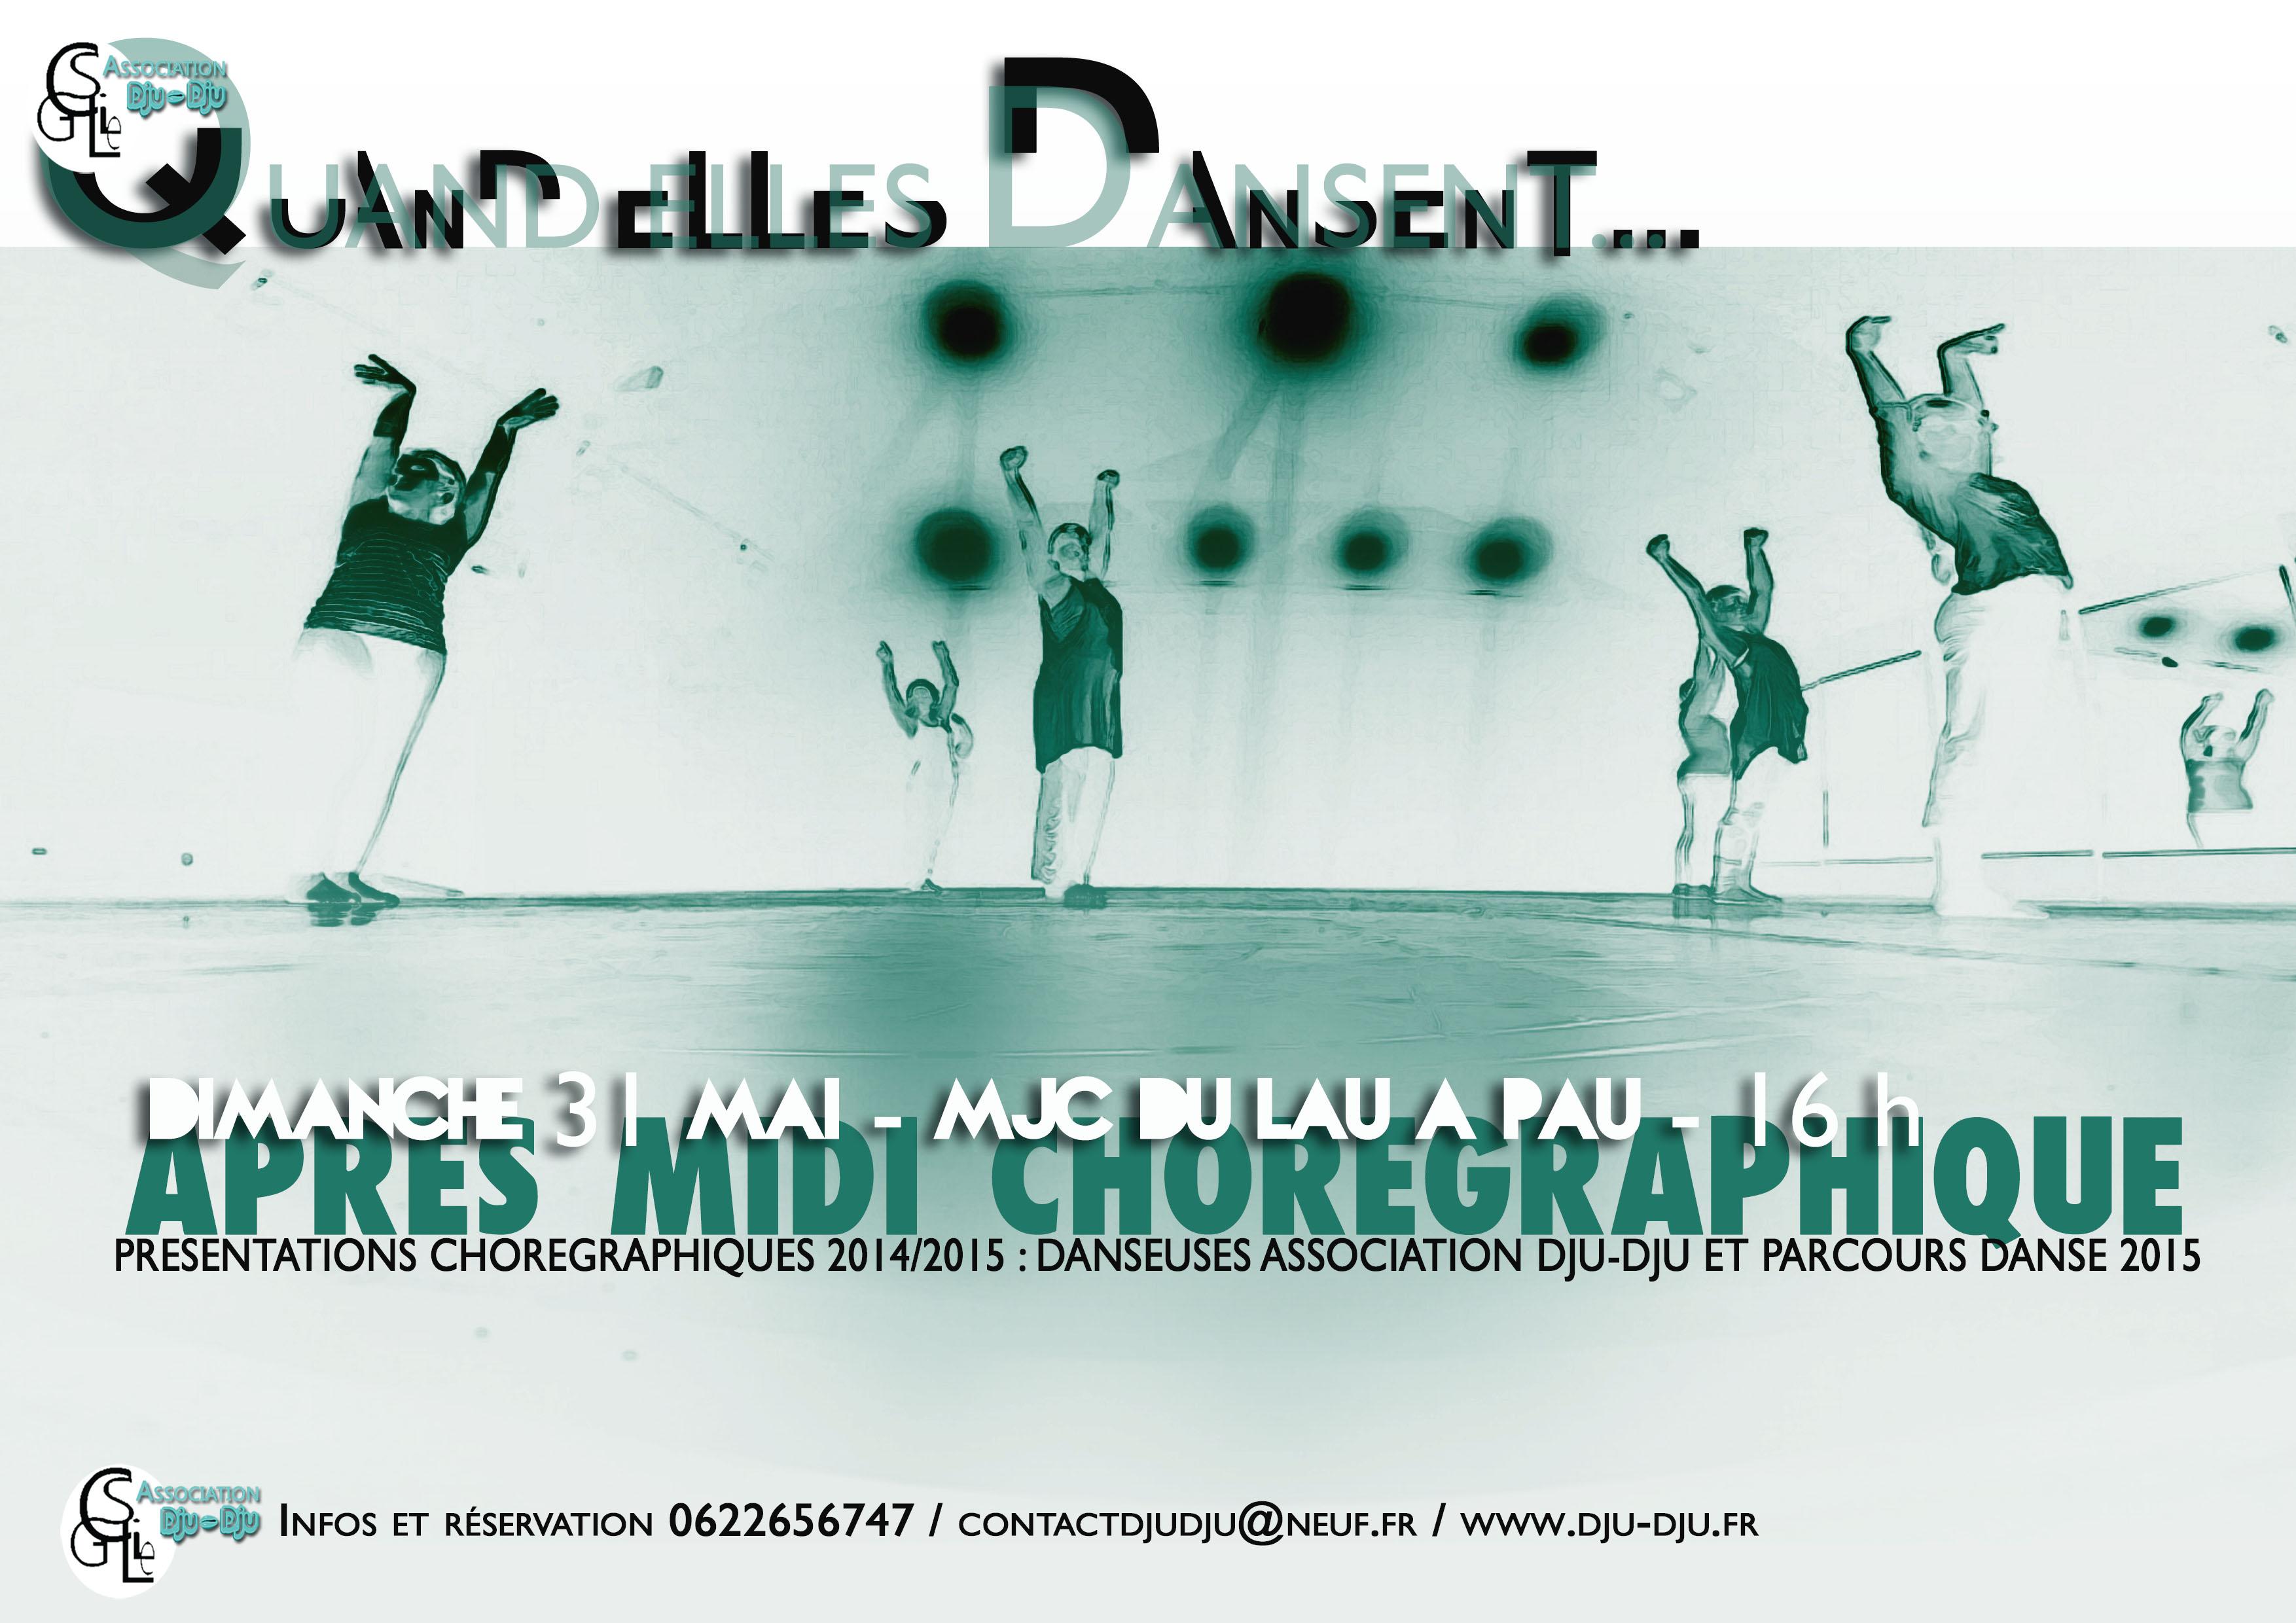 """""""Quand elles dansent..."""" présentations chorégraphiques de fin d'année"""